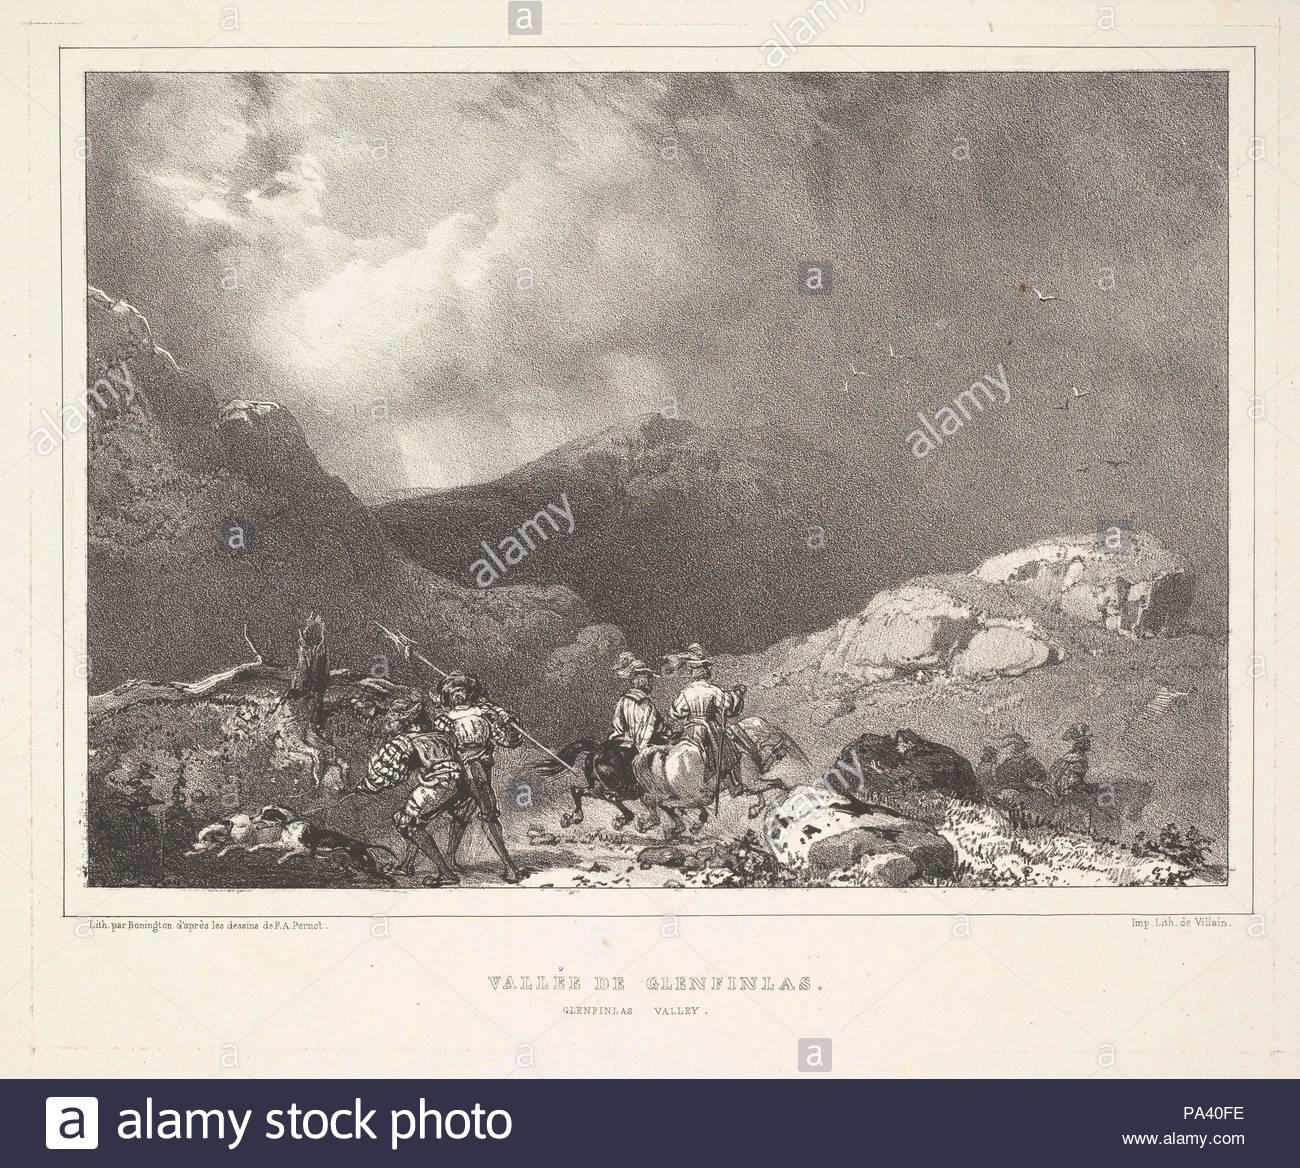 Glenfinlas Valley (Vallée de Glenfinlas, from Vues Pittoresques de l'Écosse), 1826, Lithograph, sheet: 10 3/16 x 13 9/16 in. (25.8 x 34.4 cm), Prints, Richard Parkes Bonington (British, Arnold, Nottinghamshire 1802–1828 London), After François-Alexandre Pernot (French, Wassy 1793–1865). - Stock Image